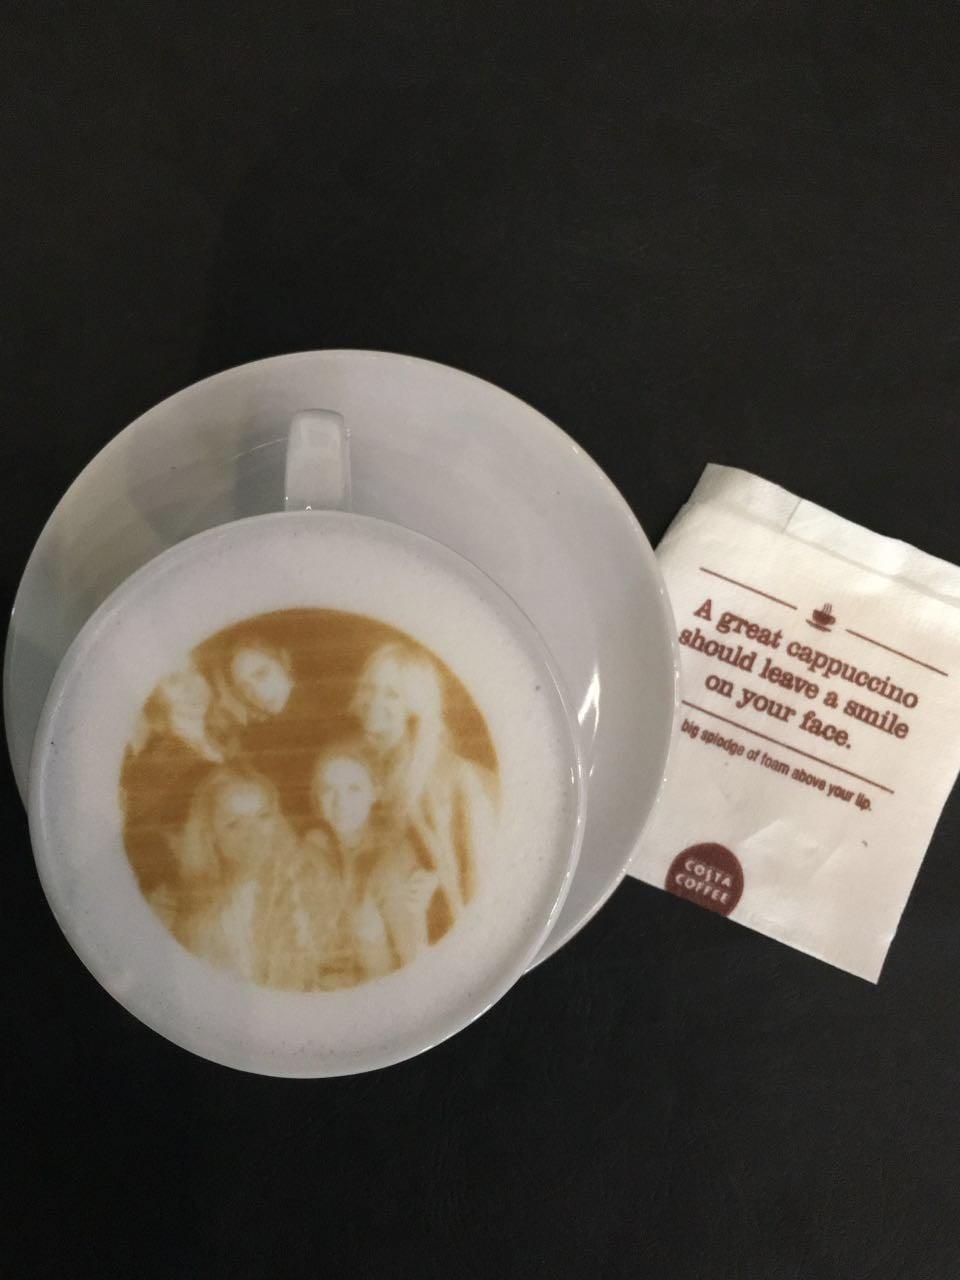 فن الرسم على القهوة في مقهى كوستا Popsugar Middle East Food